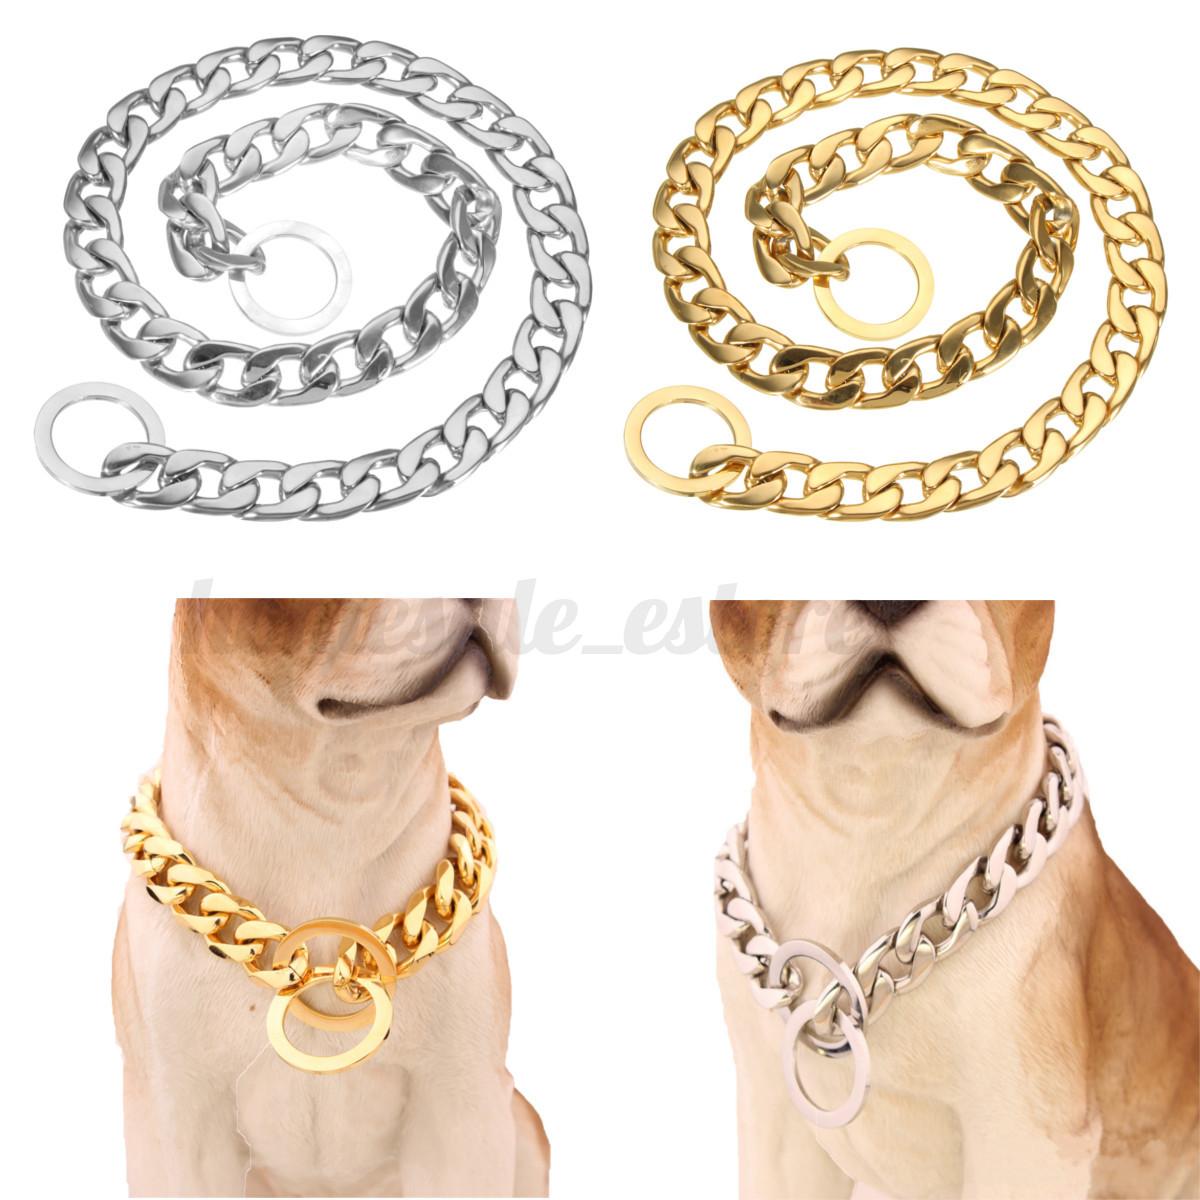 Double Row Dog Choke Chain Collar Silver Metal Iron Choker Jian